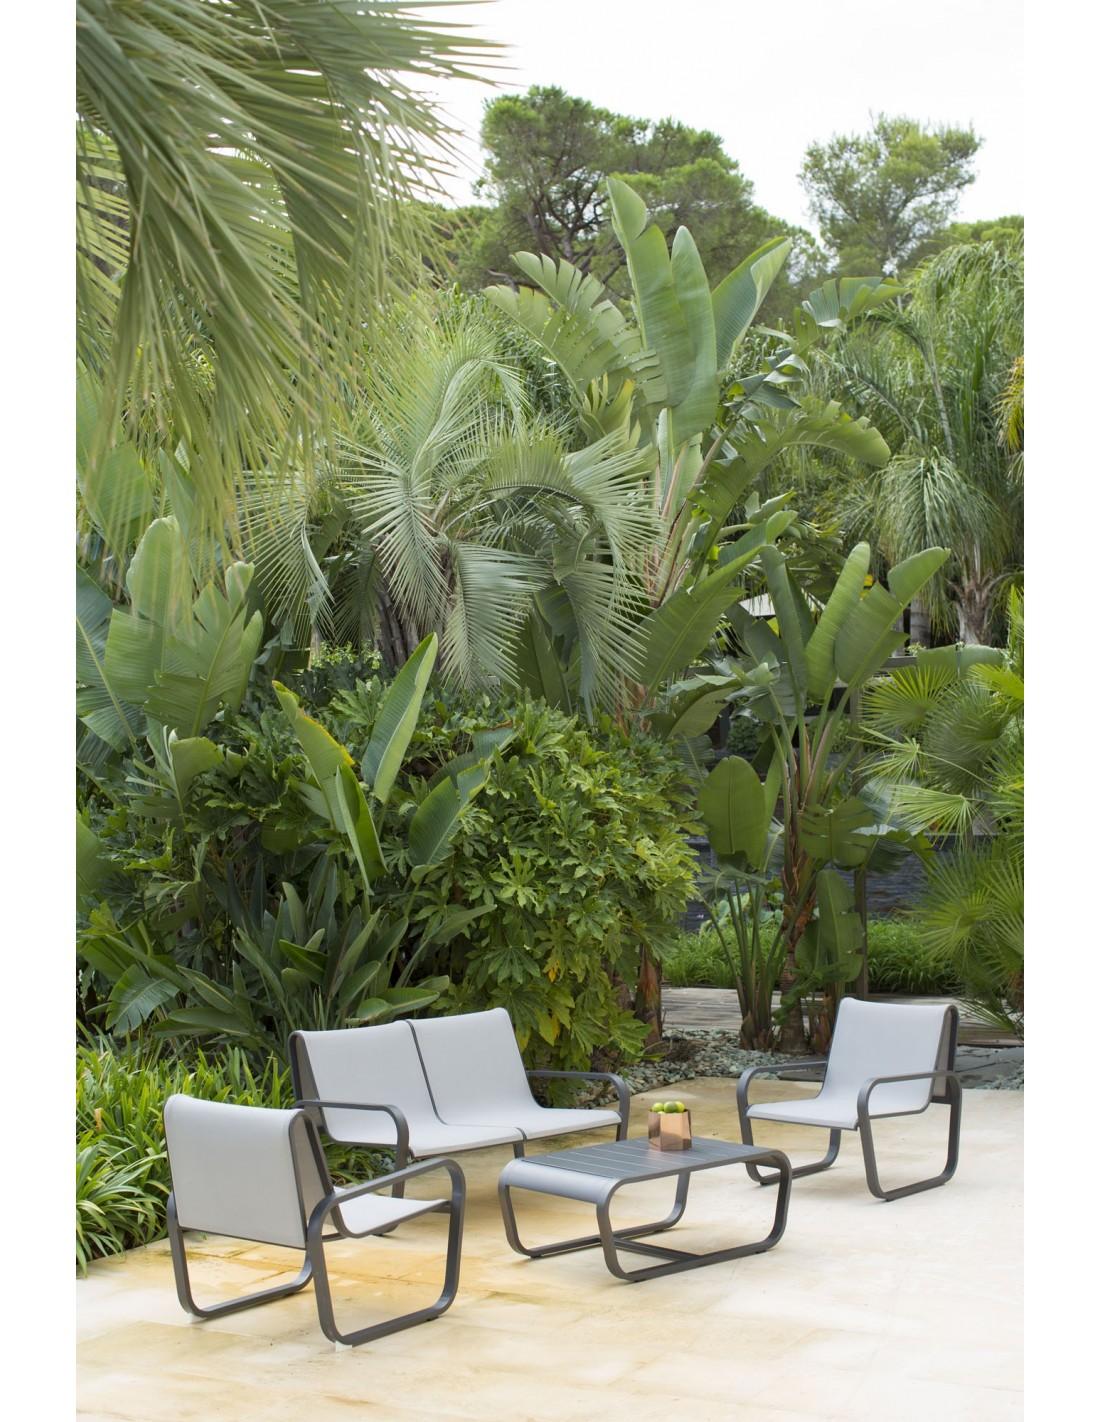 salon de jardin flex 4 places aluminium et pvc les jardins. Black Bedroom Furniture Sets. Home Design Ideas